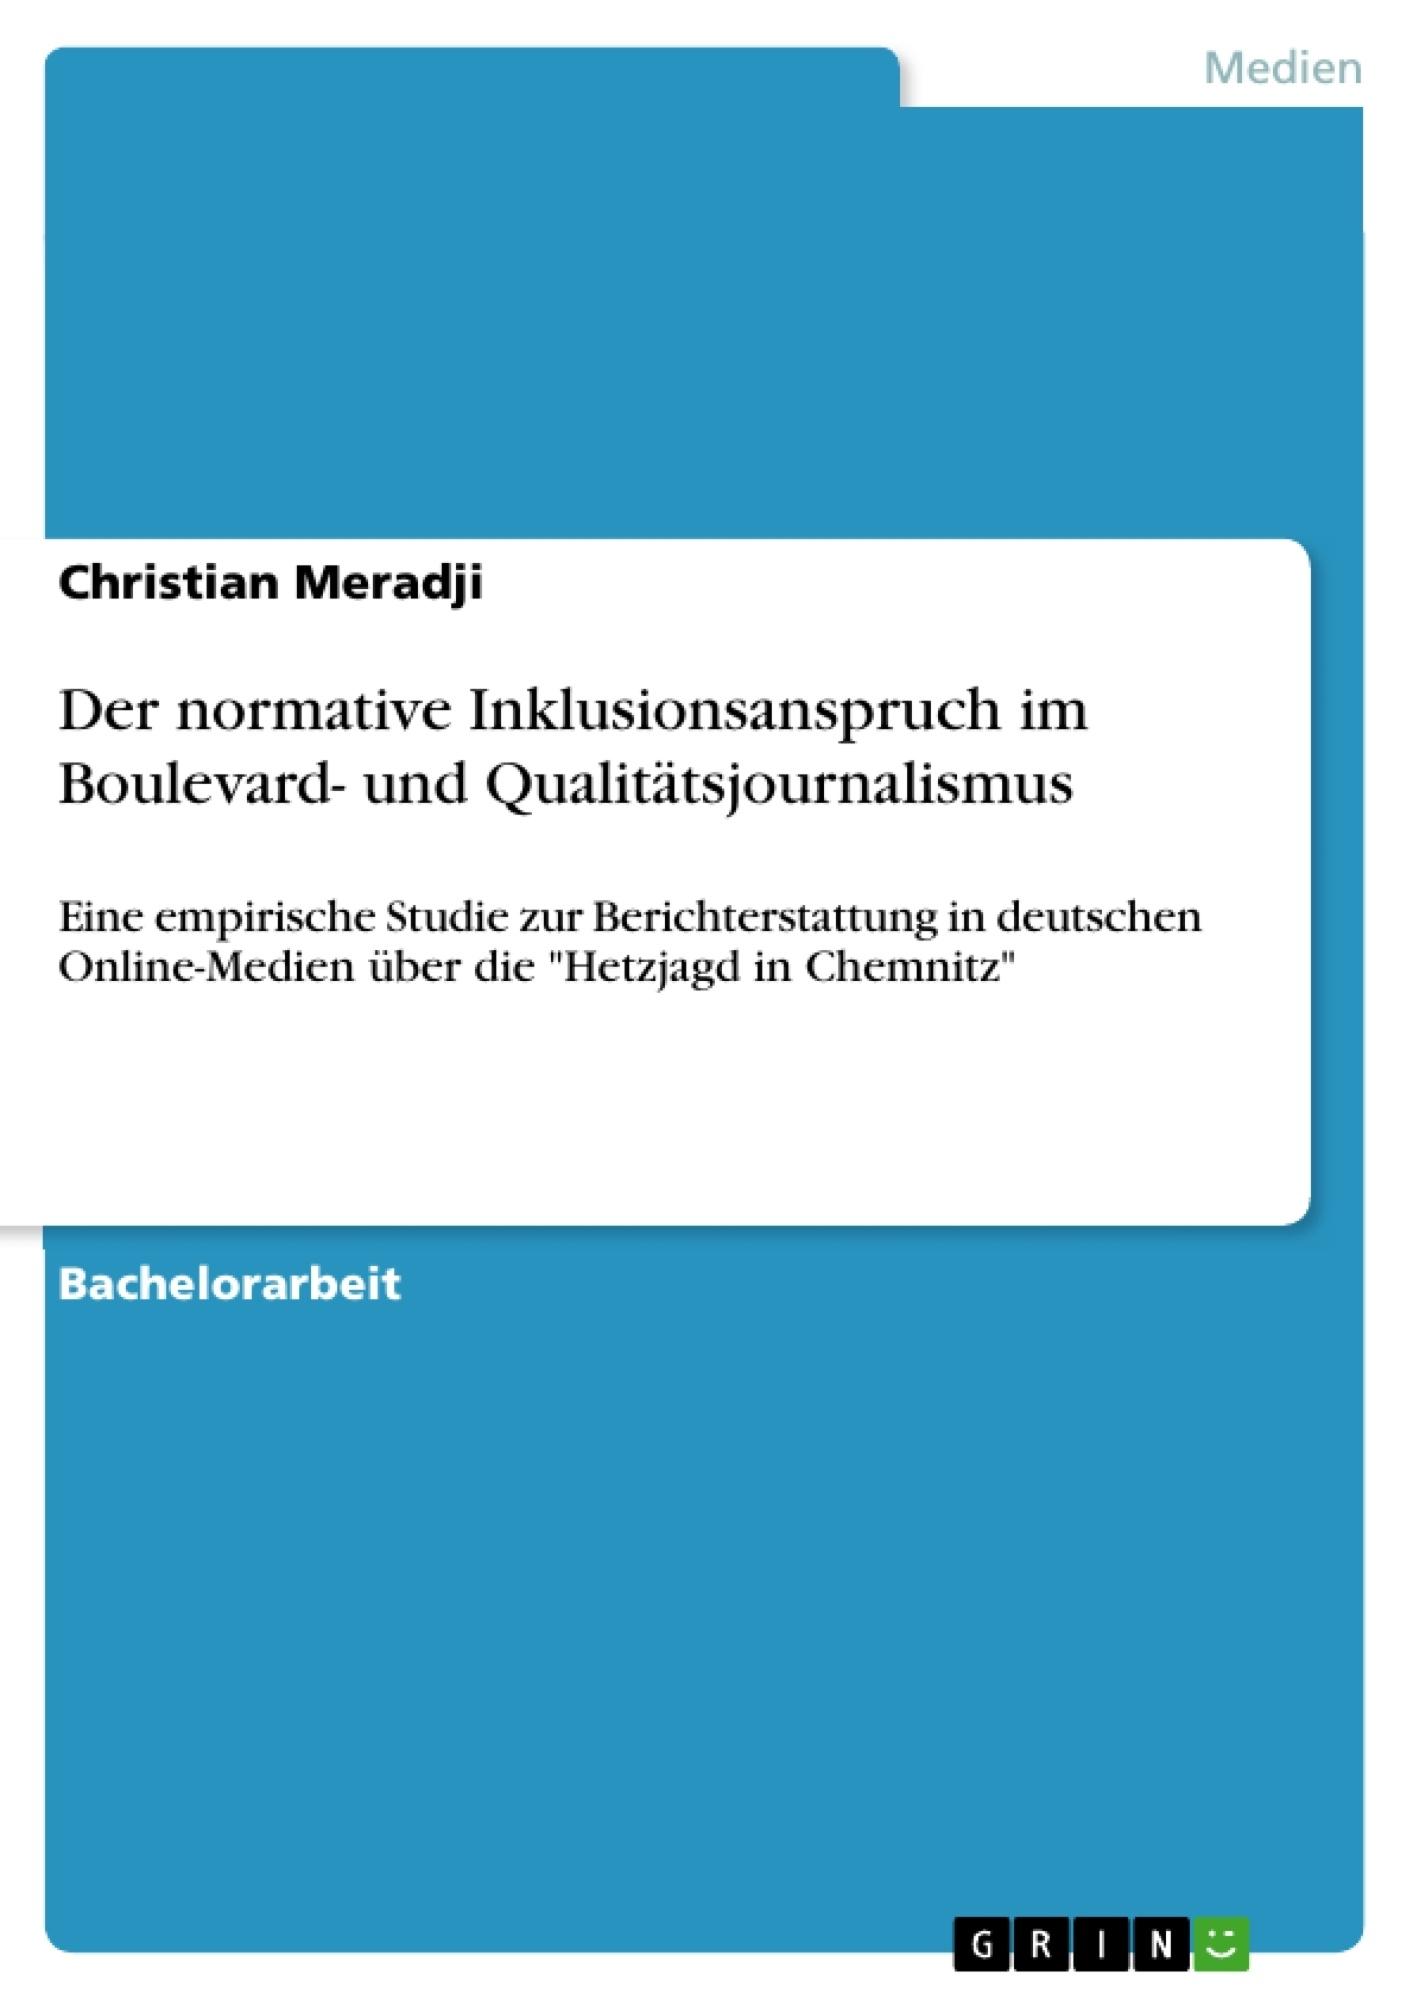 Titel: Der normative Inklusionsanspruch  im Boulevard- und Qualitätsjournalismus